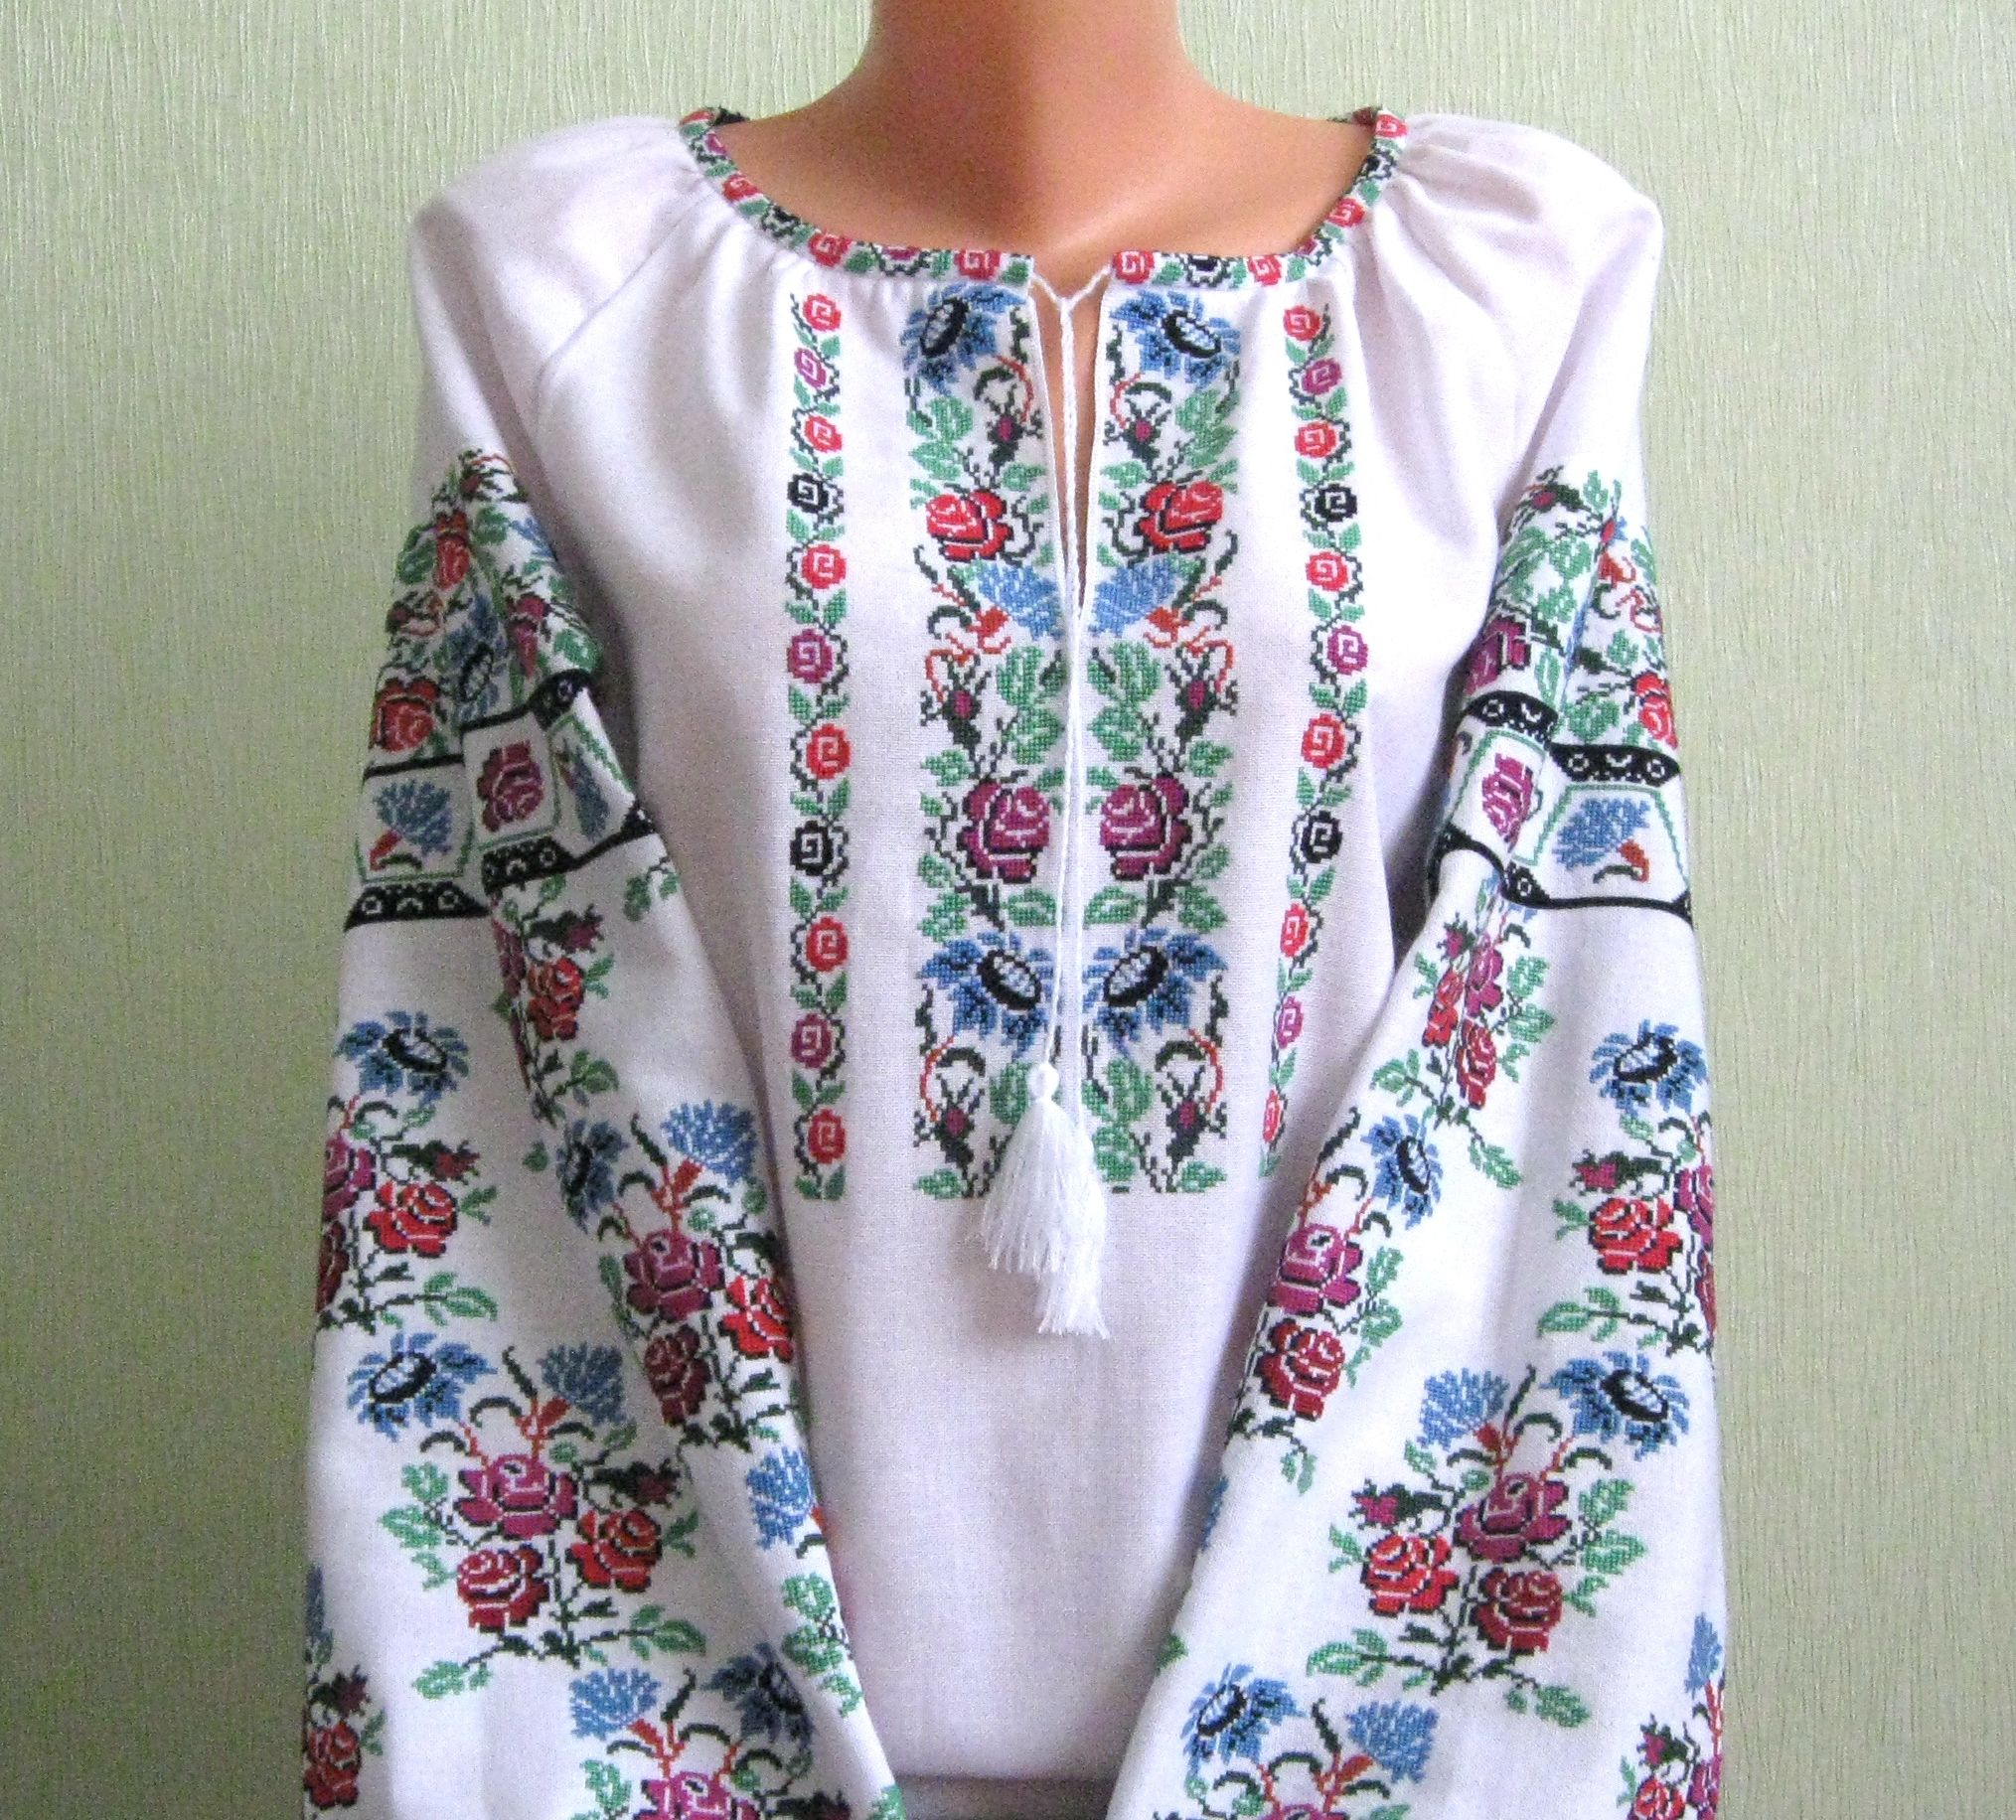 901338760a0d2a Сучасна вишиванка ручної роботи жіноча - Фотогалерея - Вишиванки ...